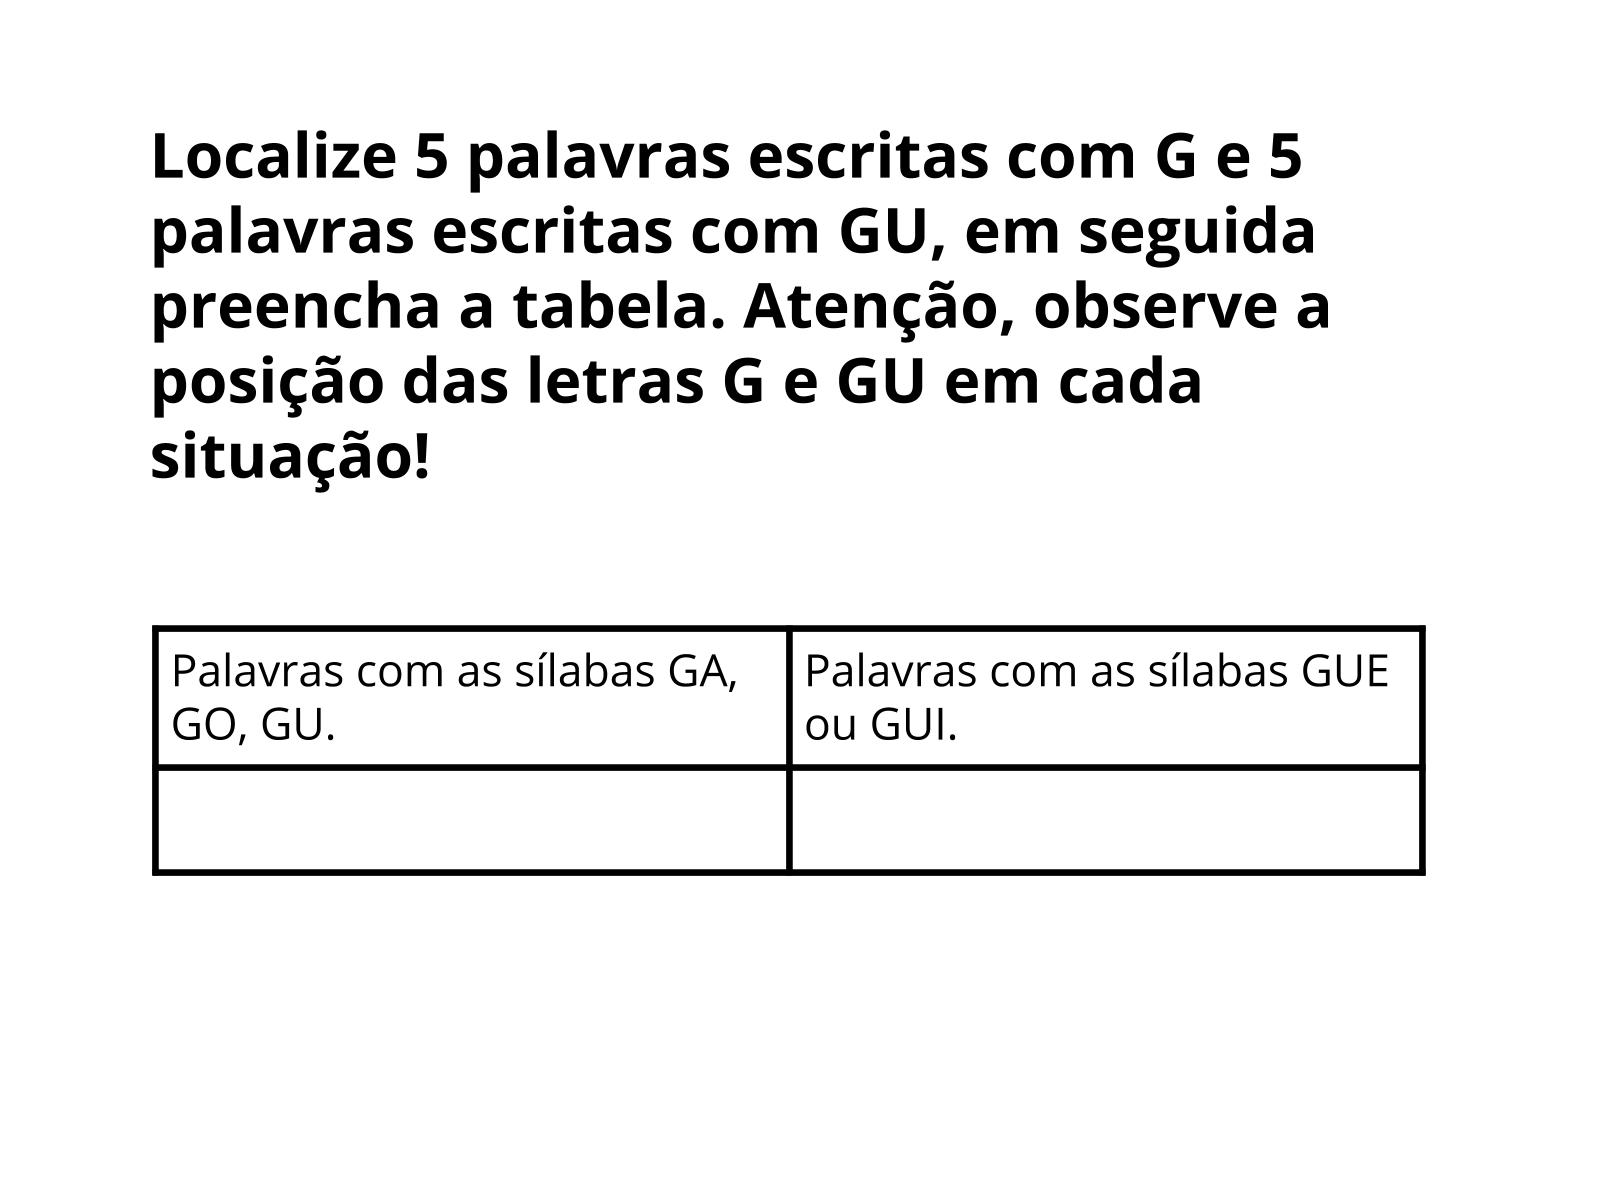 G ou GU?